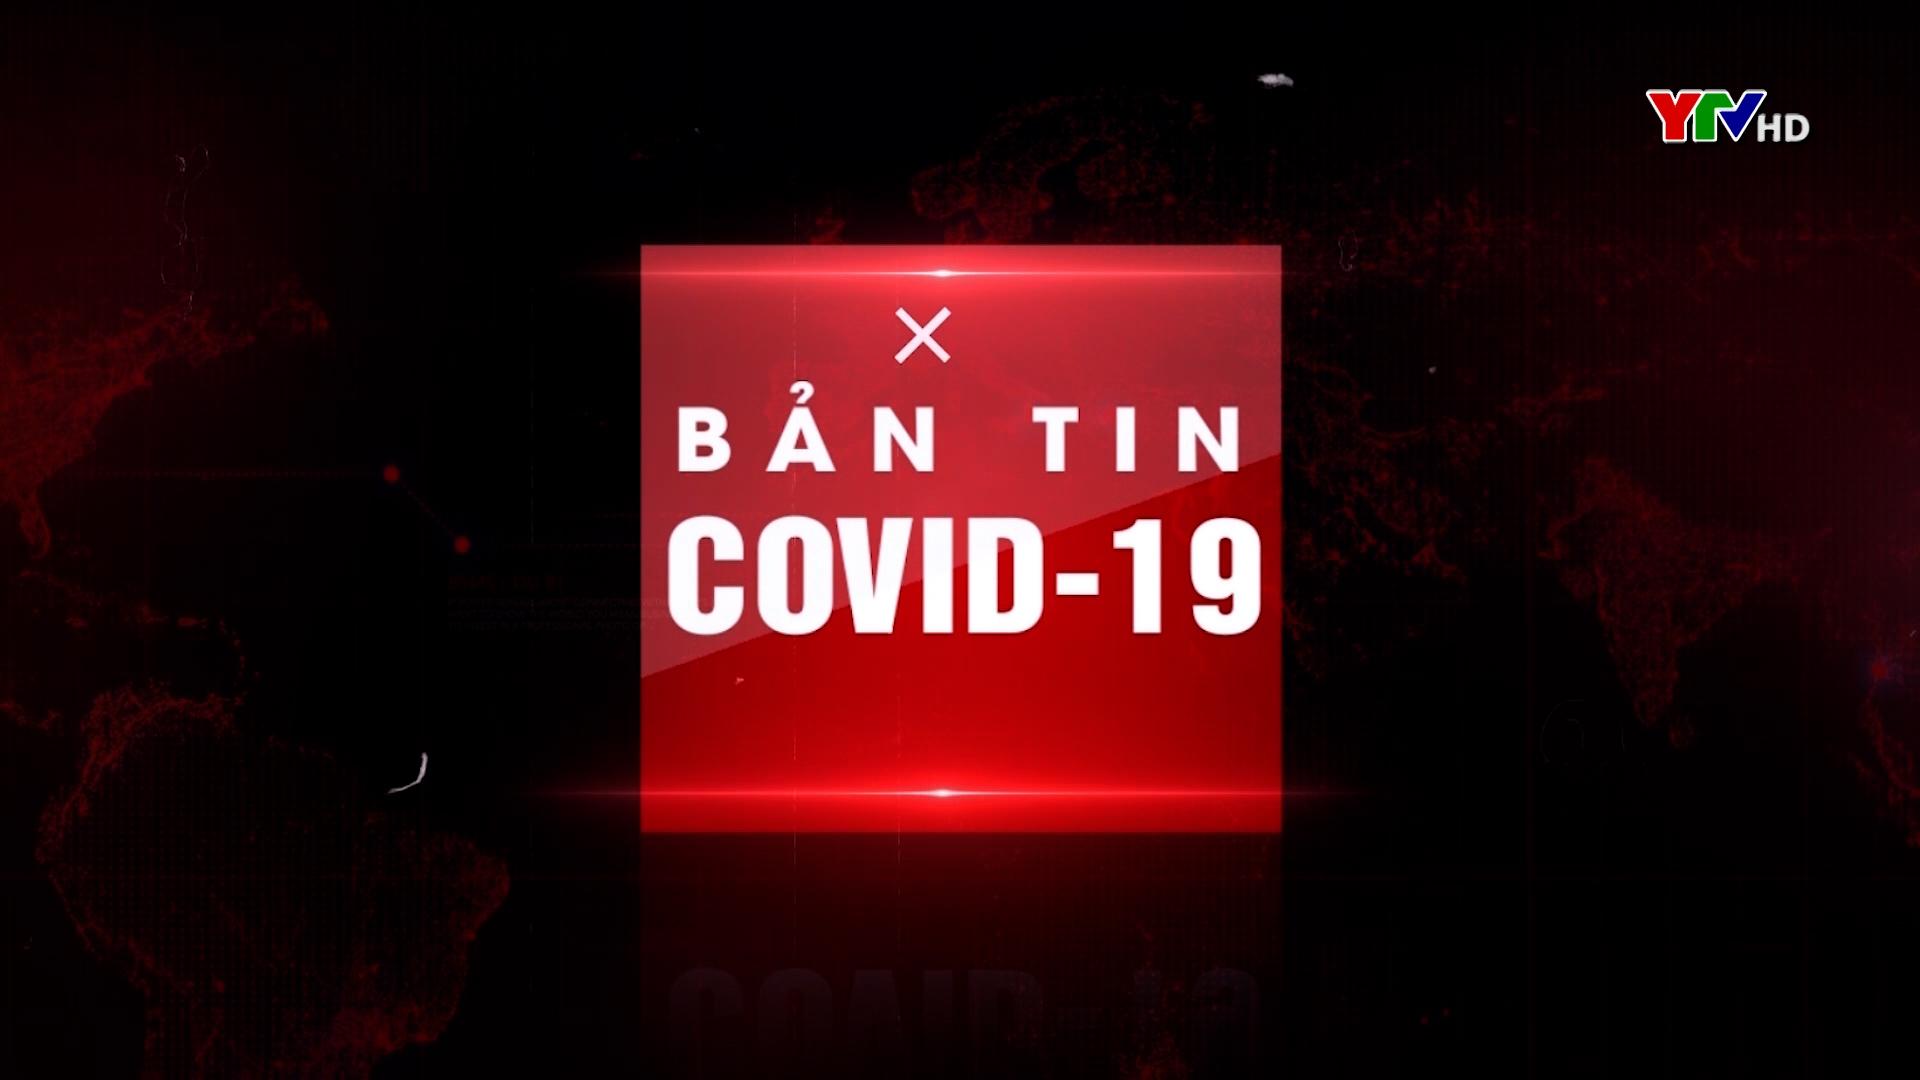 Bản tin Phòng, chống COVID-19 - Tối ngày 17/6/2021